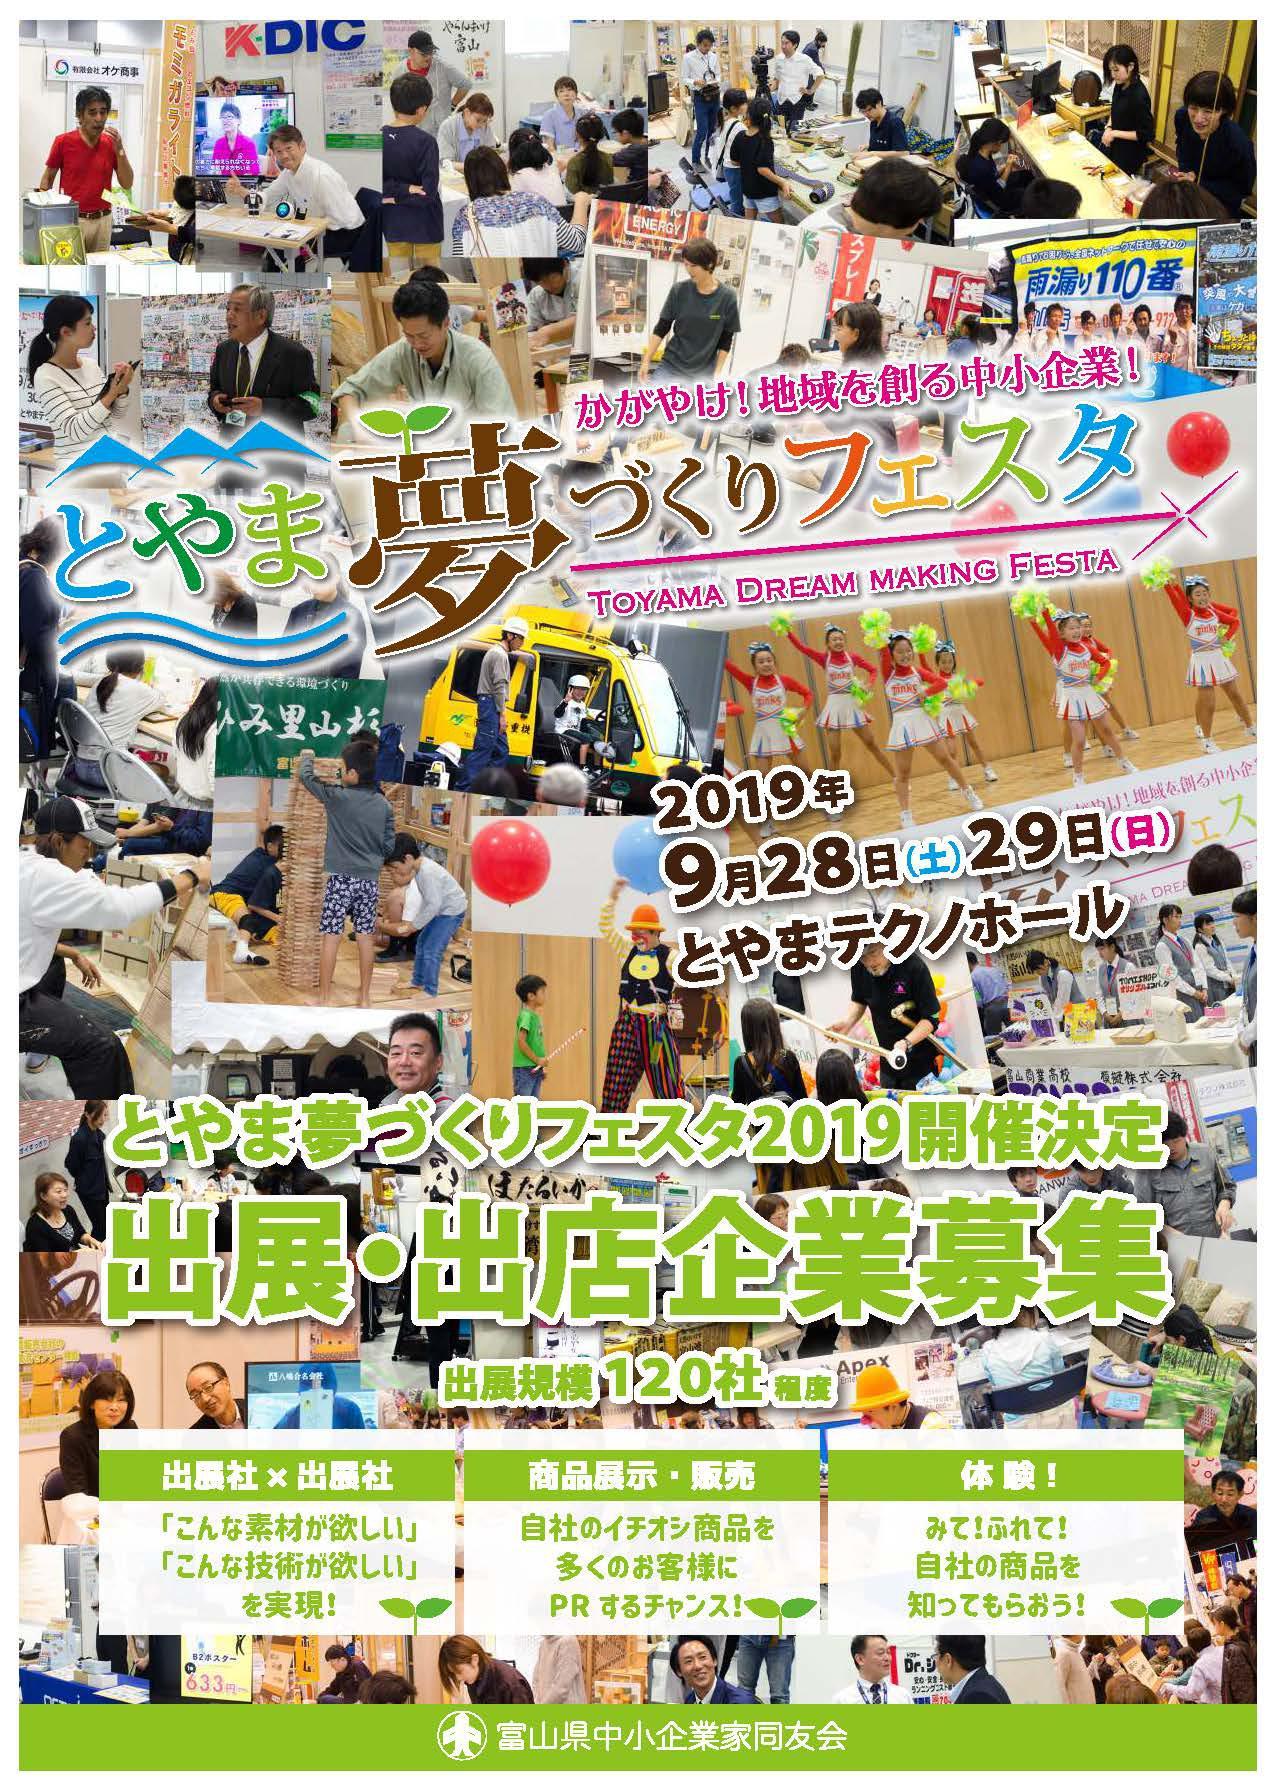 「とやま夢づくりフェスタ2019」出展企業募集開始!!